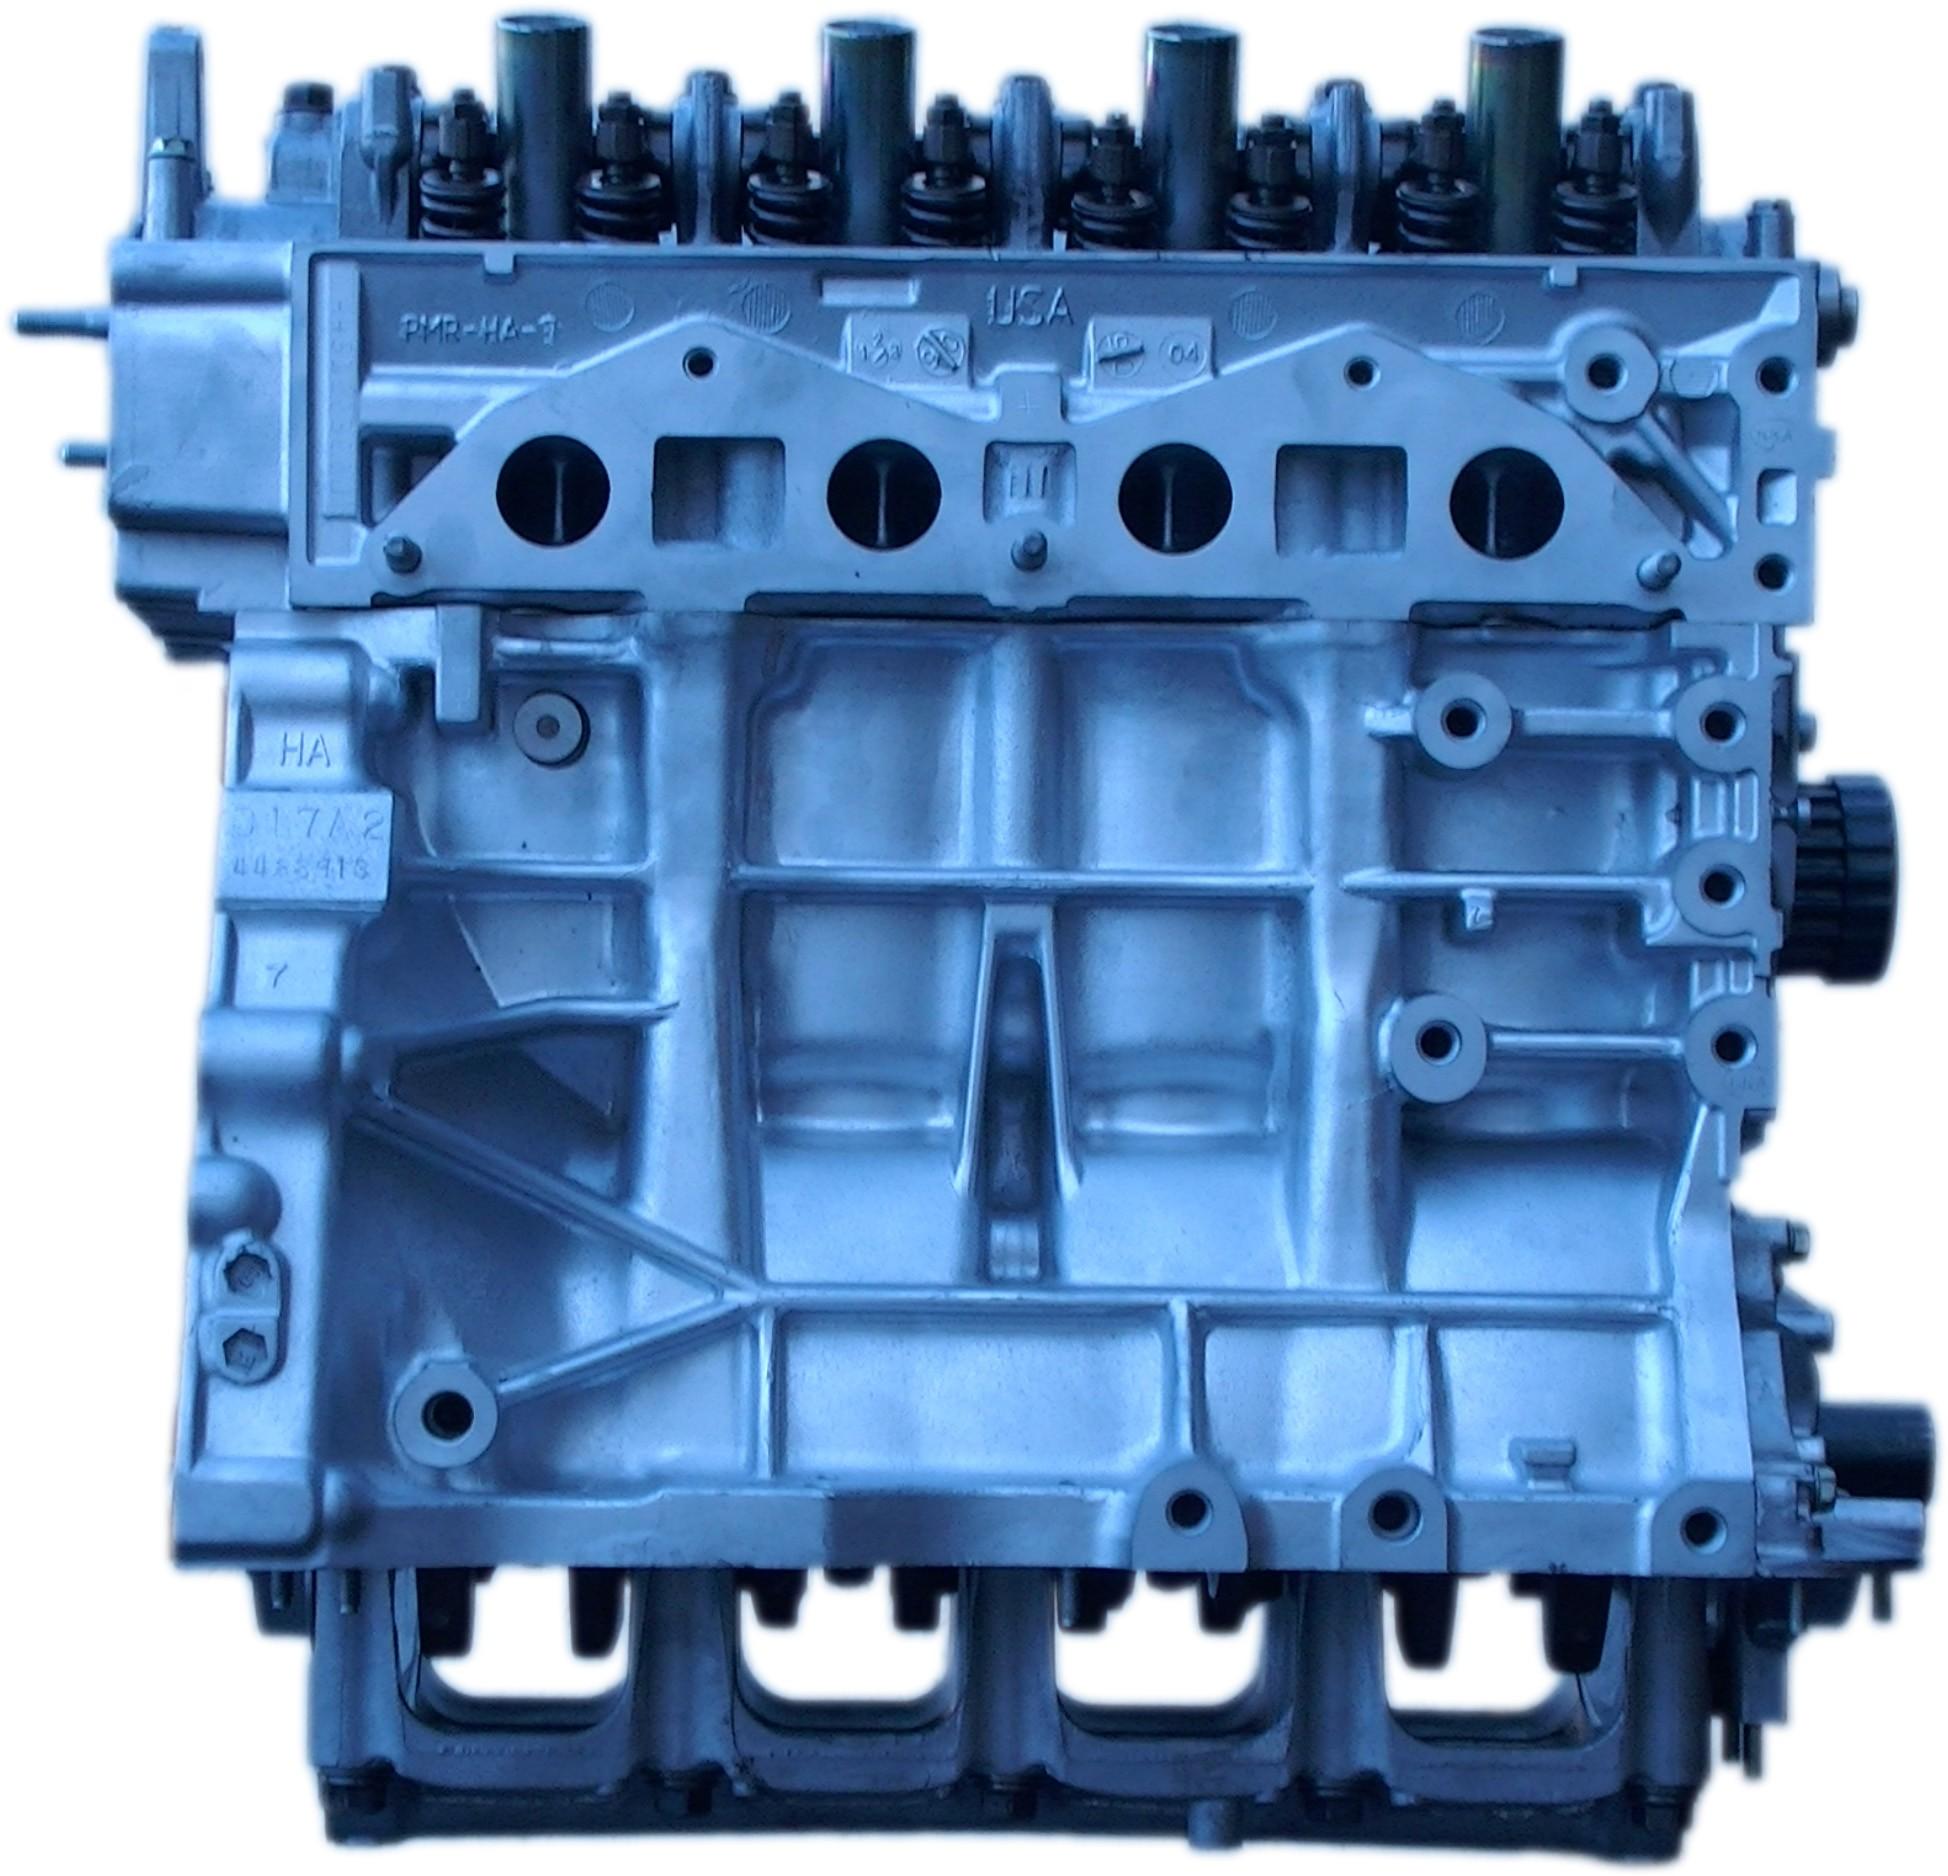 Rebuilt Honda Car Engines – name